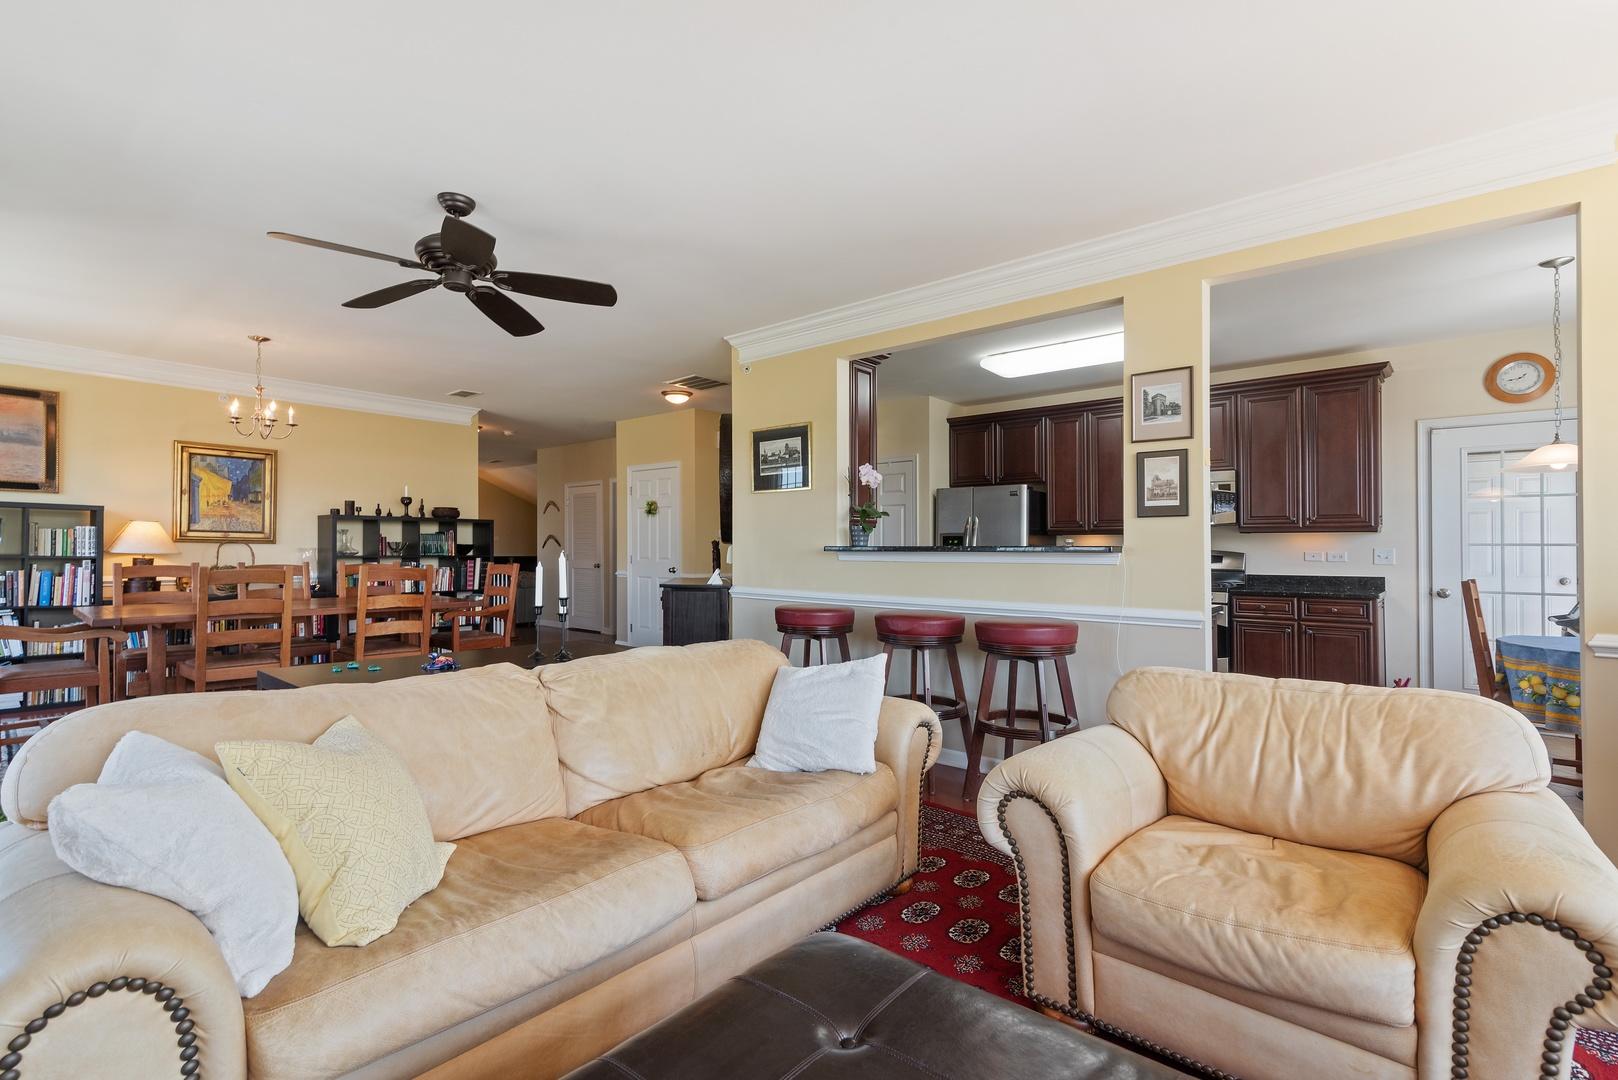 2665 Commons, Glenview, Illinois, 60026